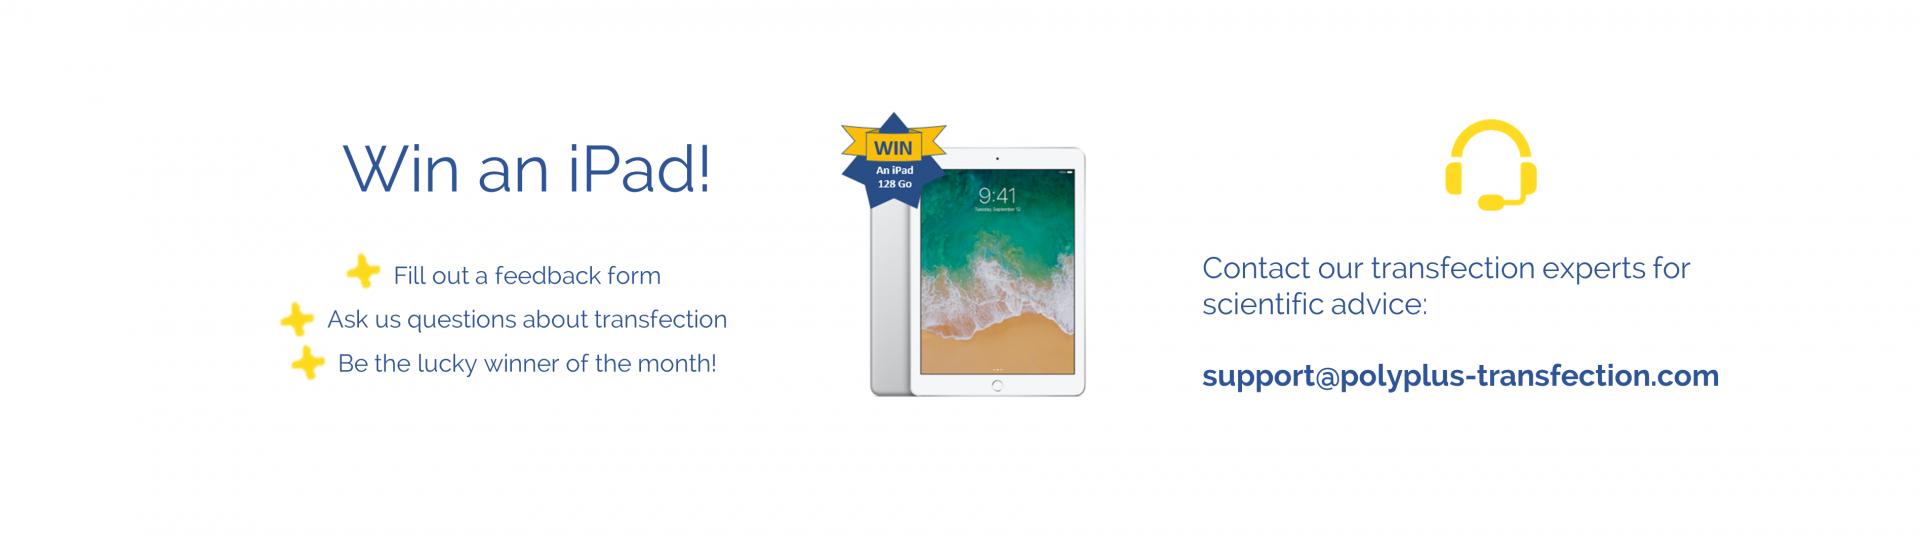 Win an iPad with your feedbacks